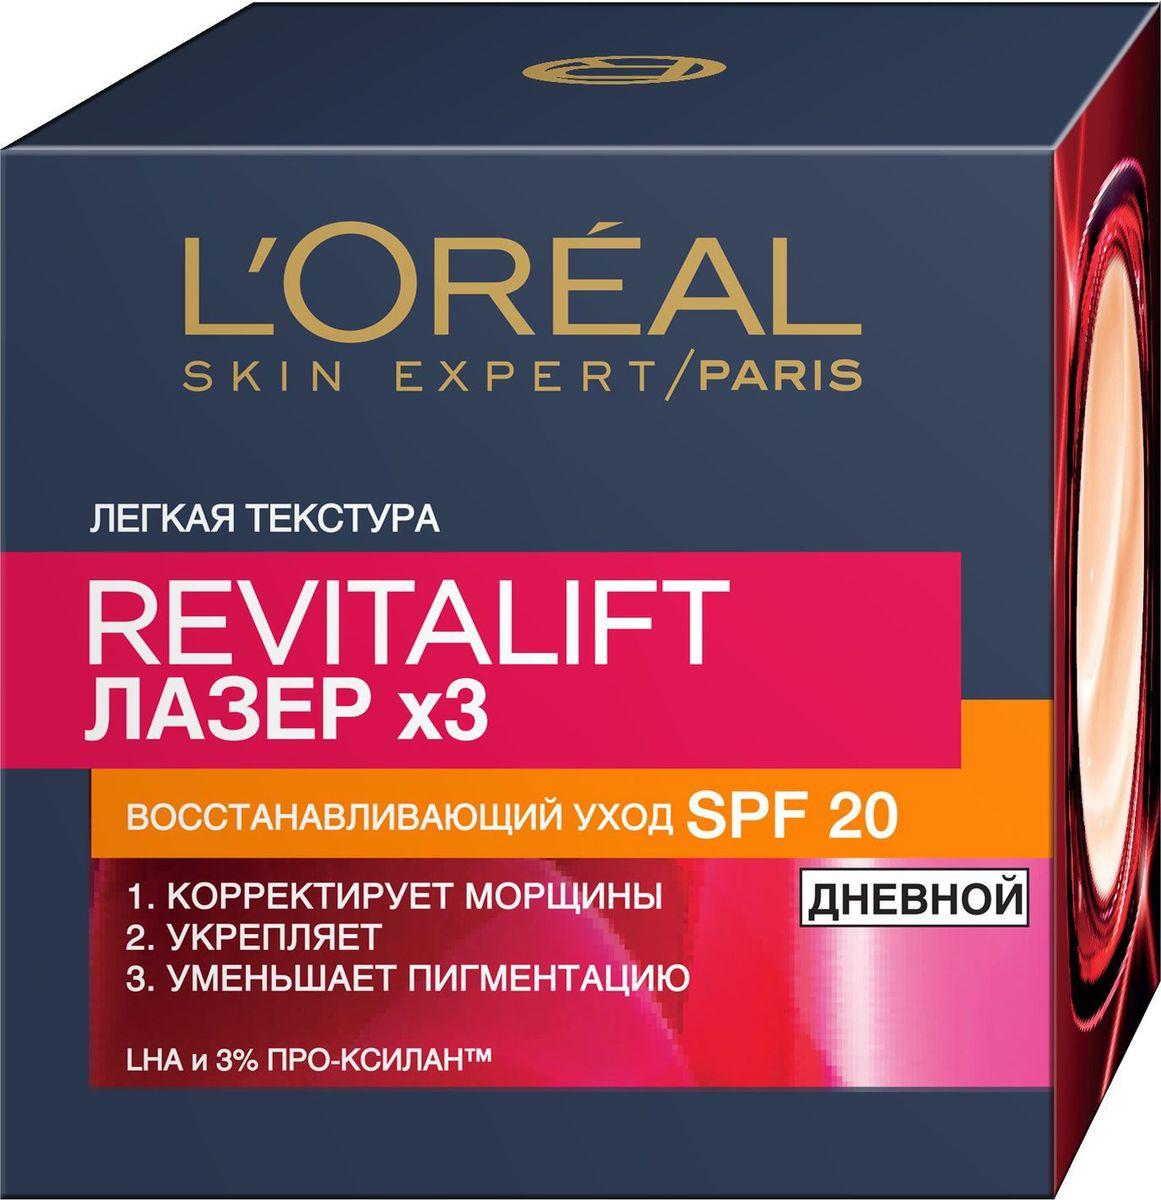 L'Oreal Paris Дневной антивозрастной крем для лица Ревиталифт Лазер против морщин, восстанавливающий, SPF 20, 50 мл кремы l oreal paris дневной крем возраст эксперт 55 против морщин легкая текстура восстанавливающий 50 мл